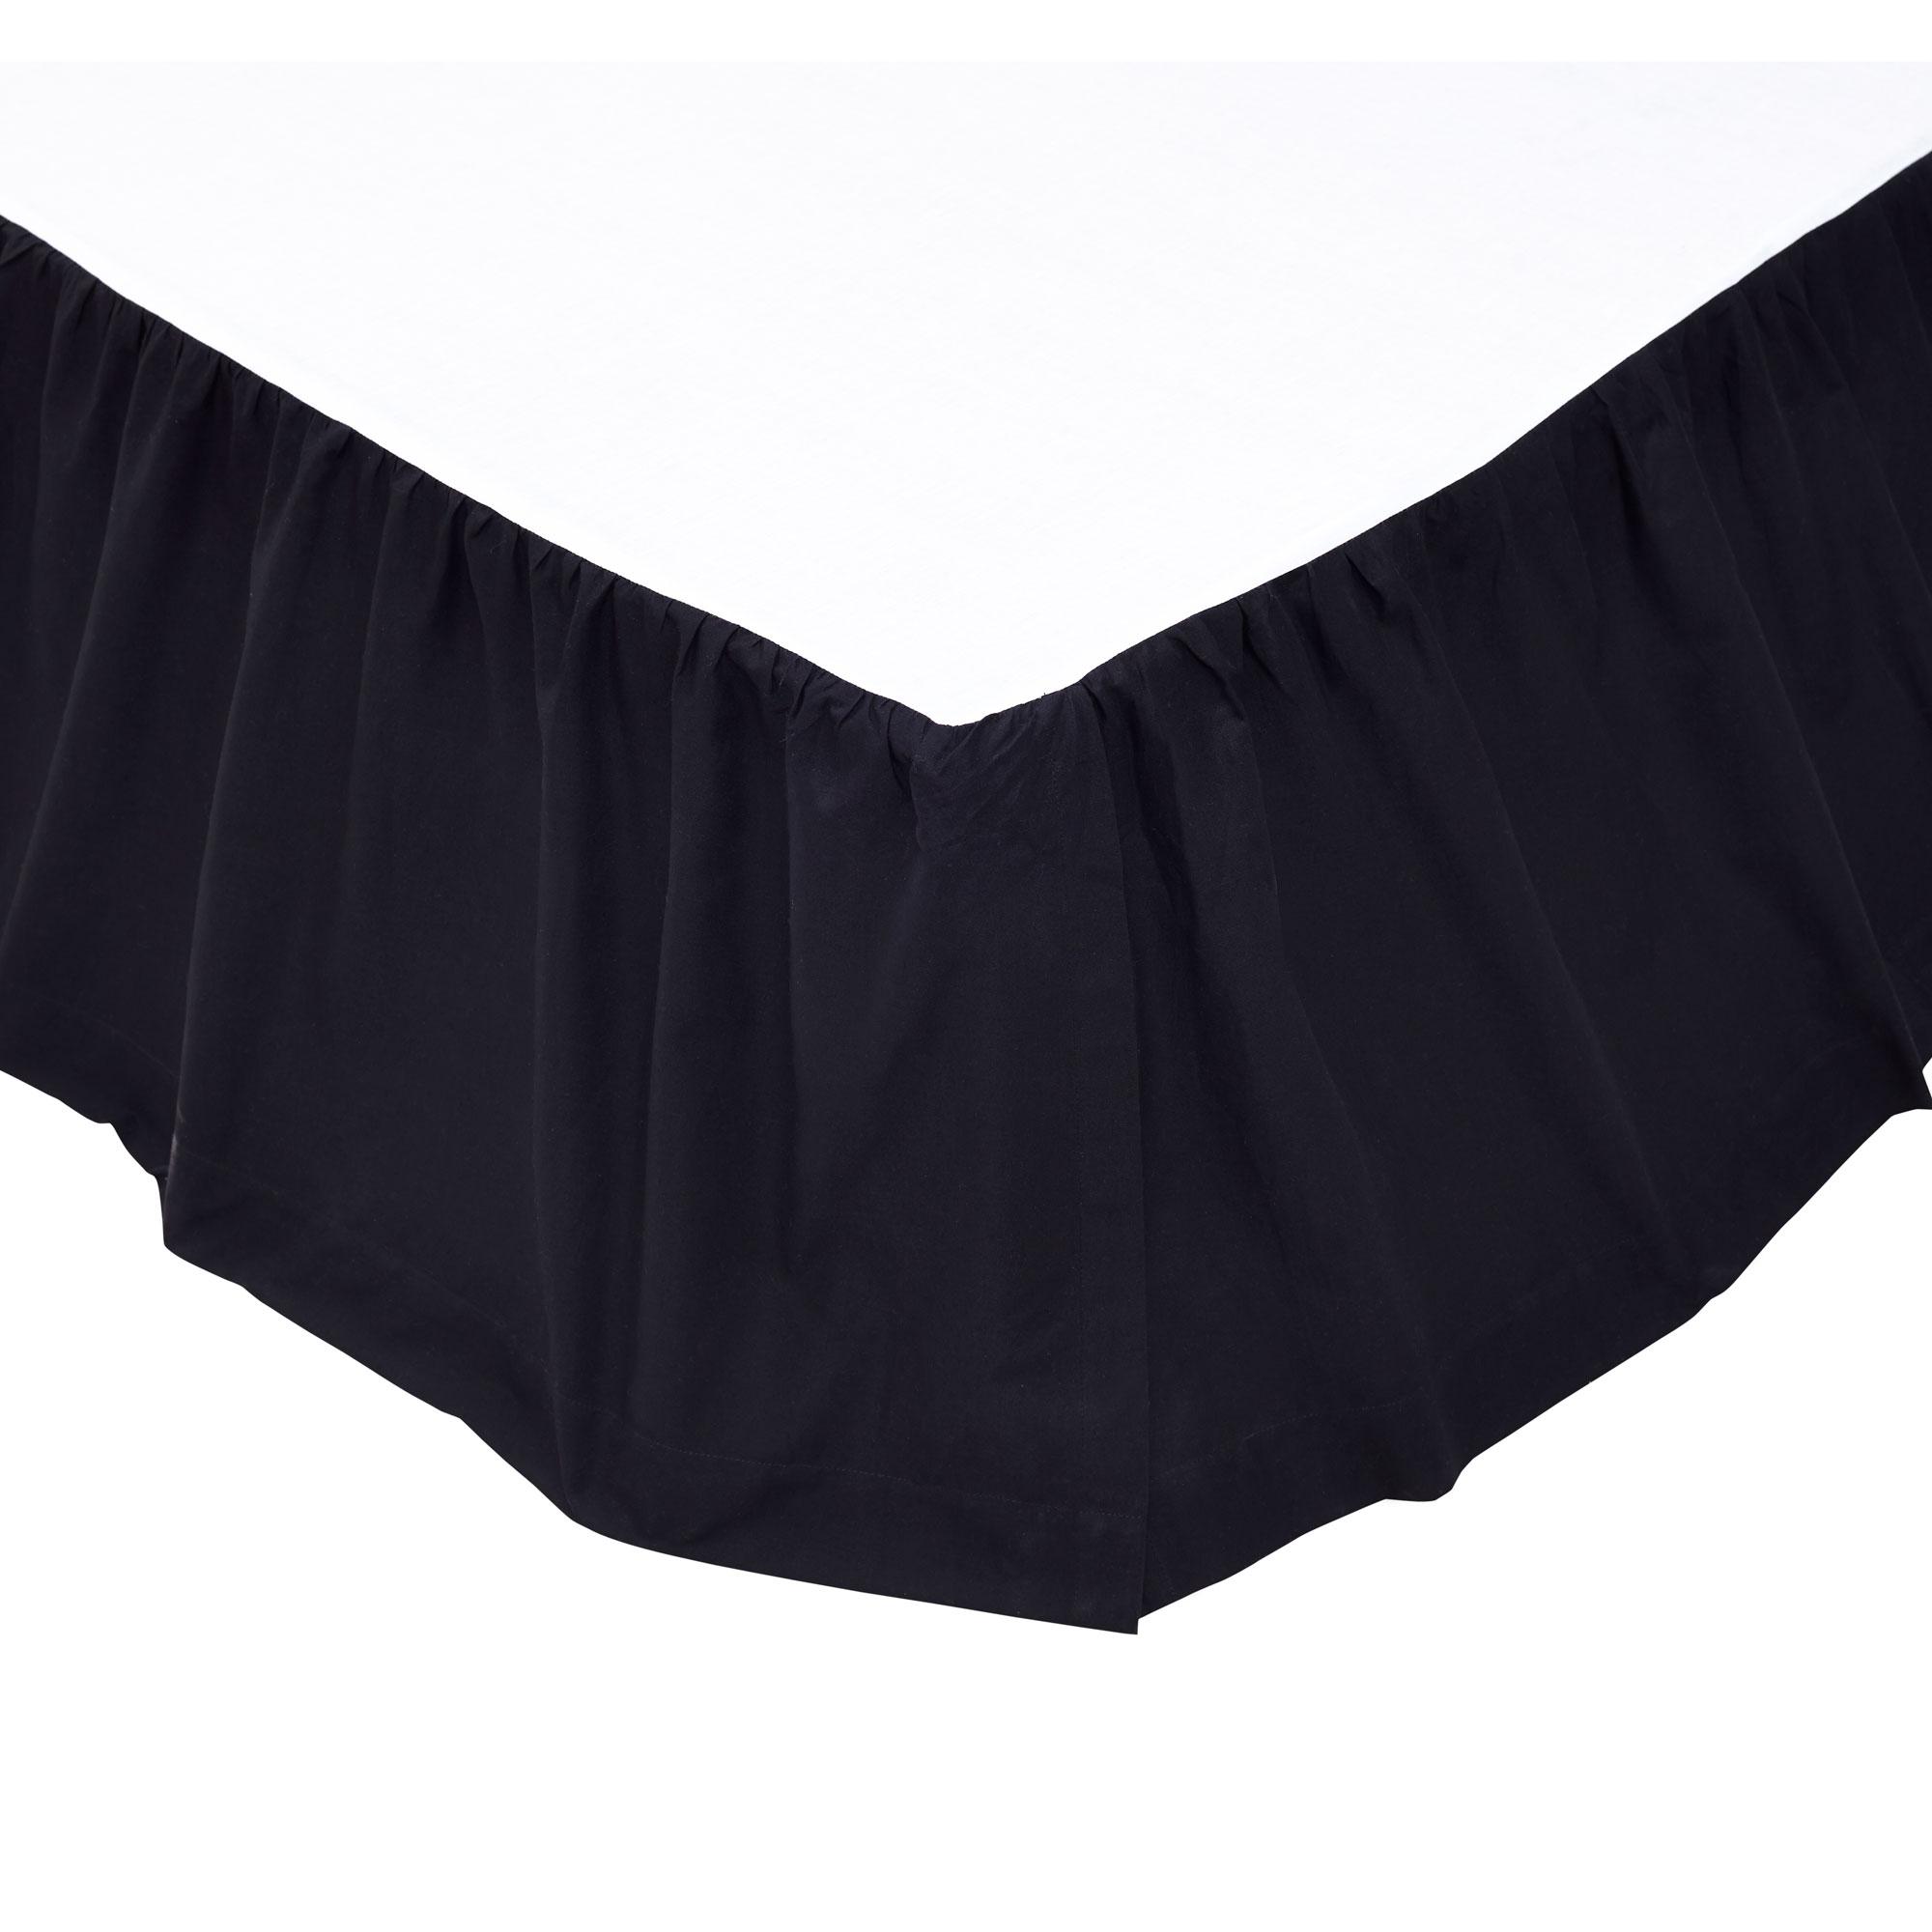 Ashton Willow 17925 Solid Black King Bed Skirt 78x80x16 Ebay